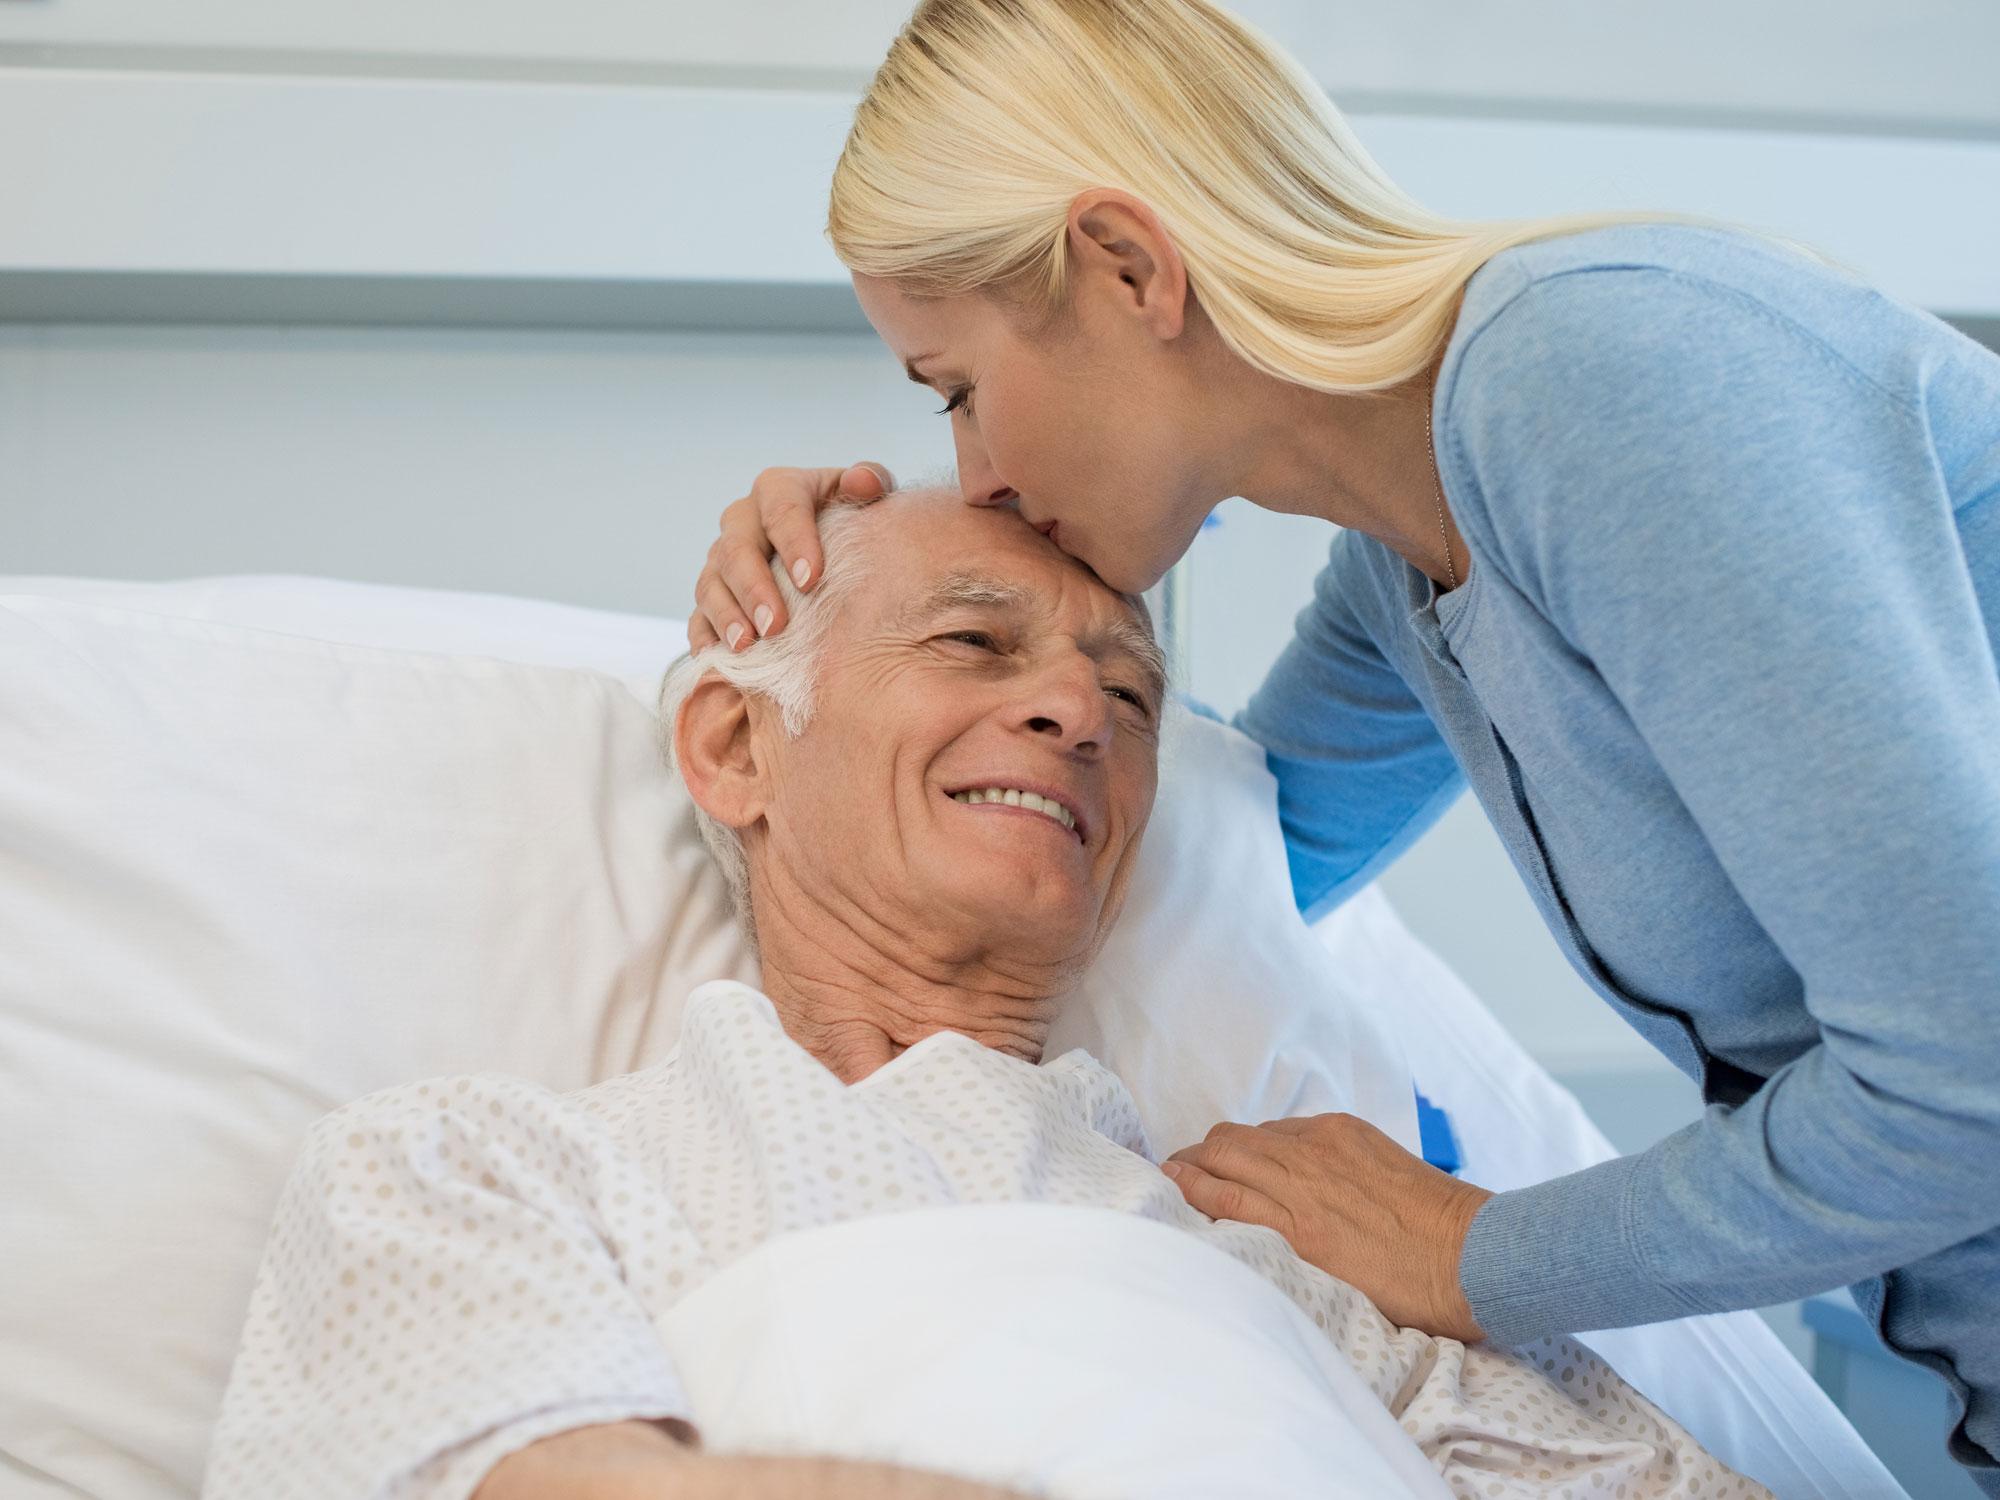 Sprachtherapie nach Schlaganfall braucht Zeit